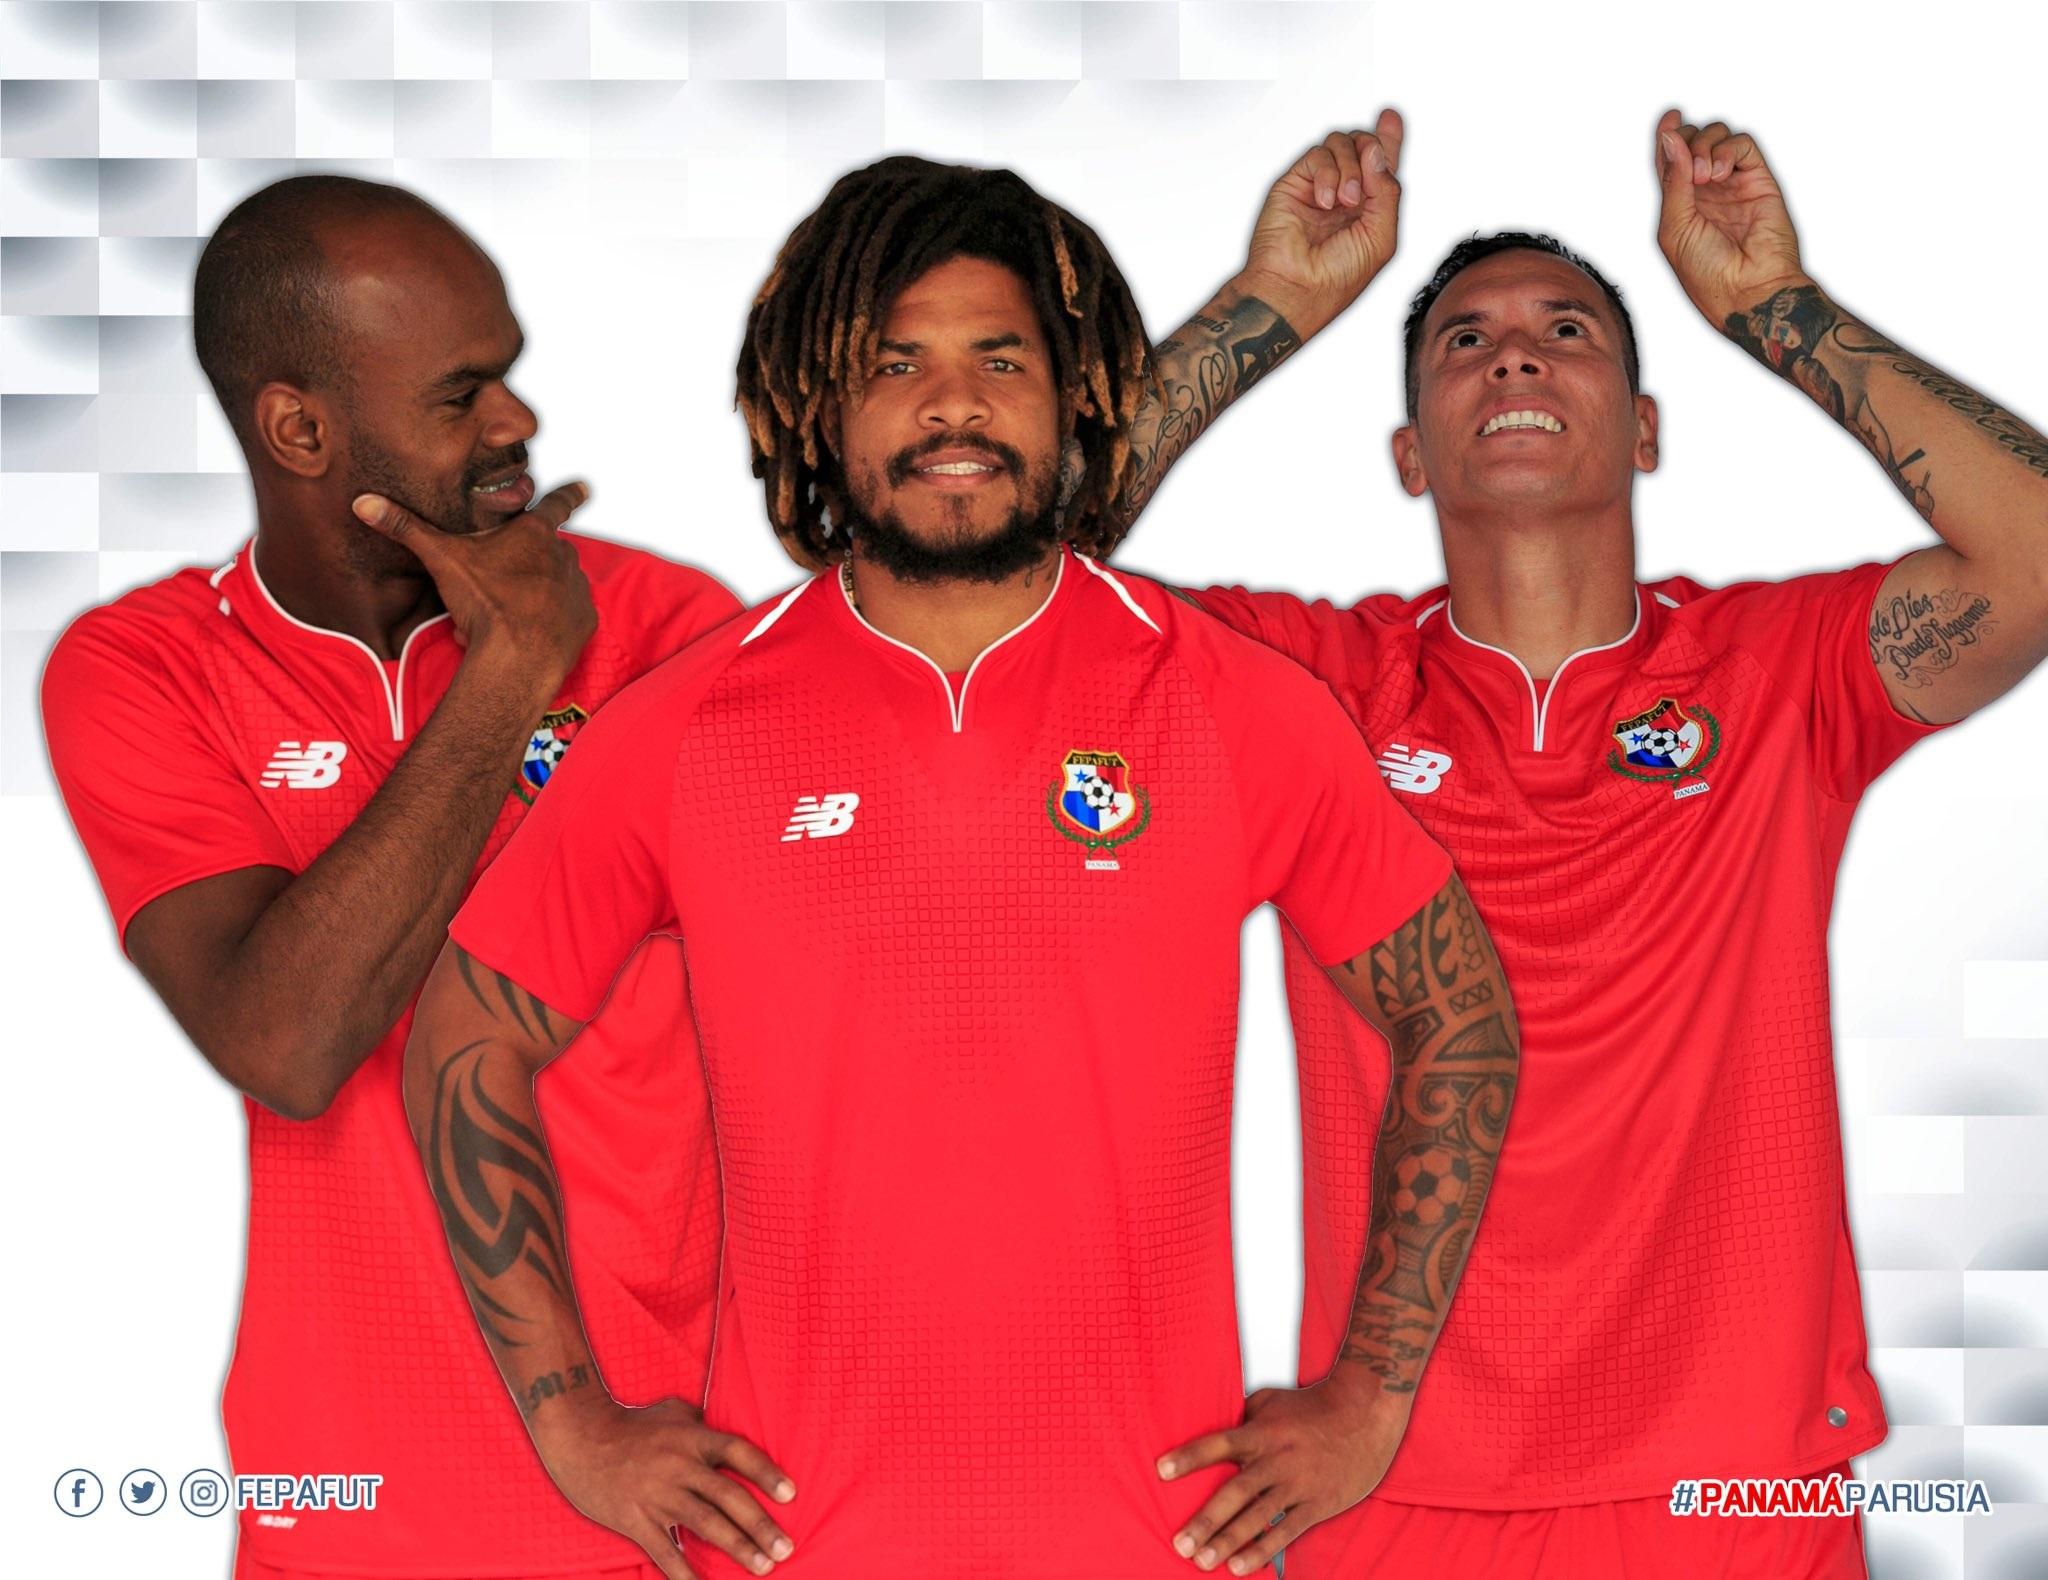 Camisa do Panamá para a Copa do Mundo é lançada  veja - 20 04 2006 ... d84f53e09a00f